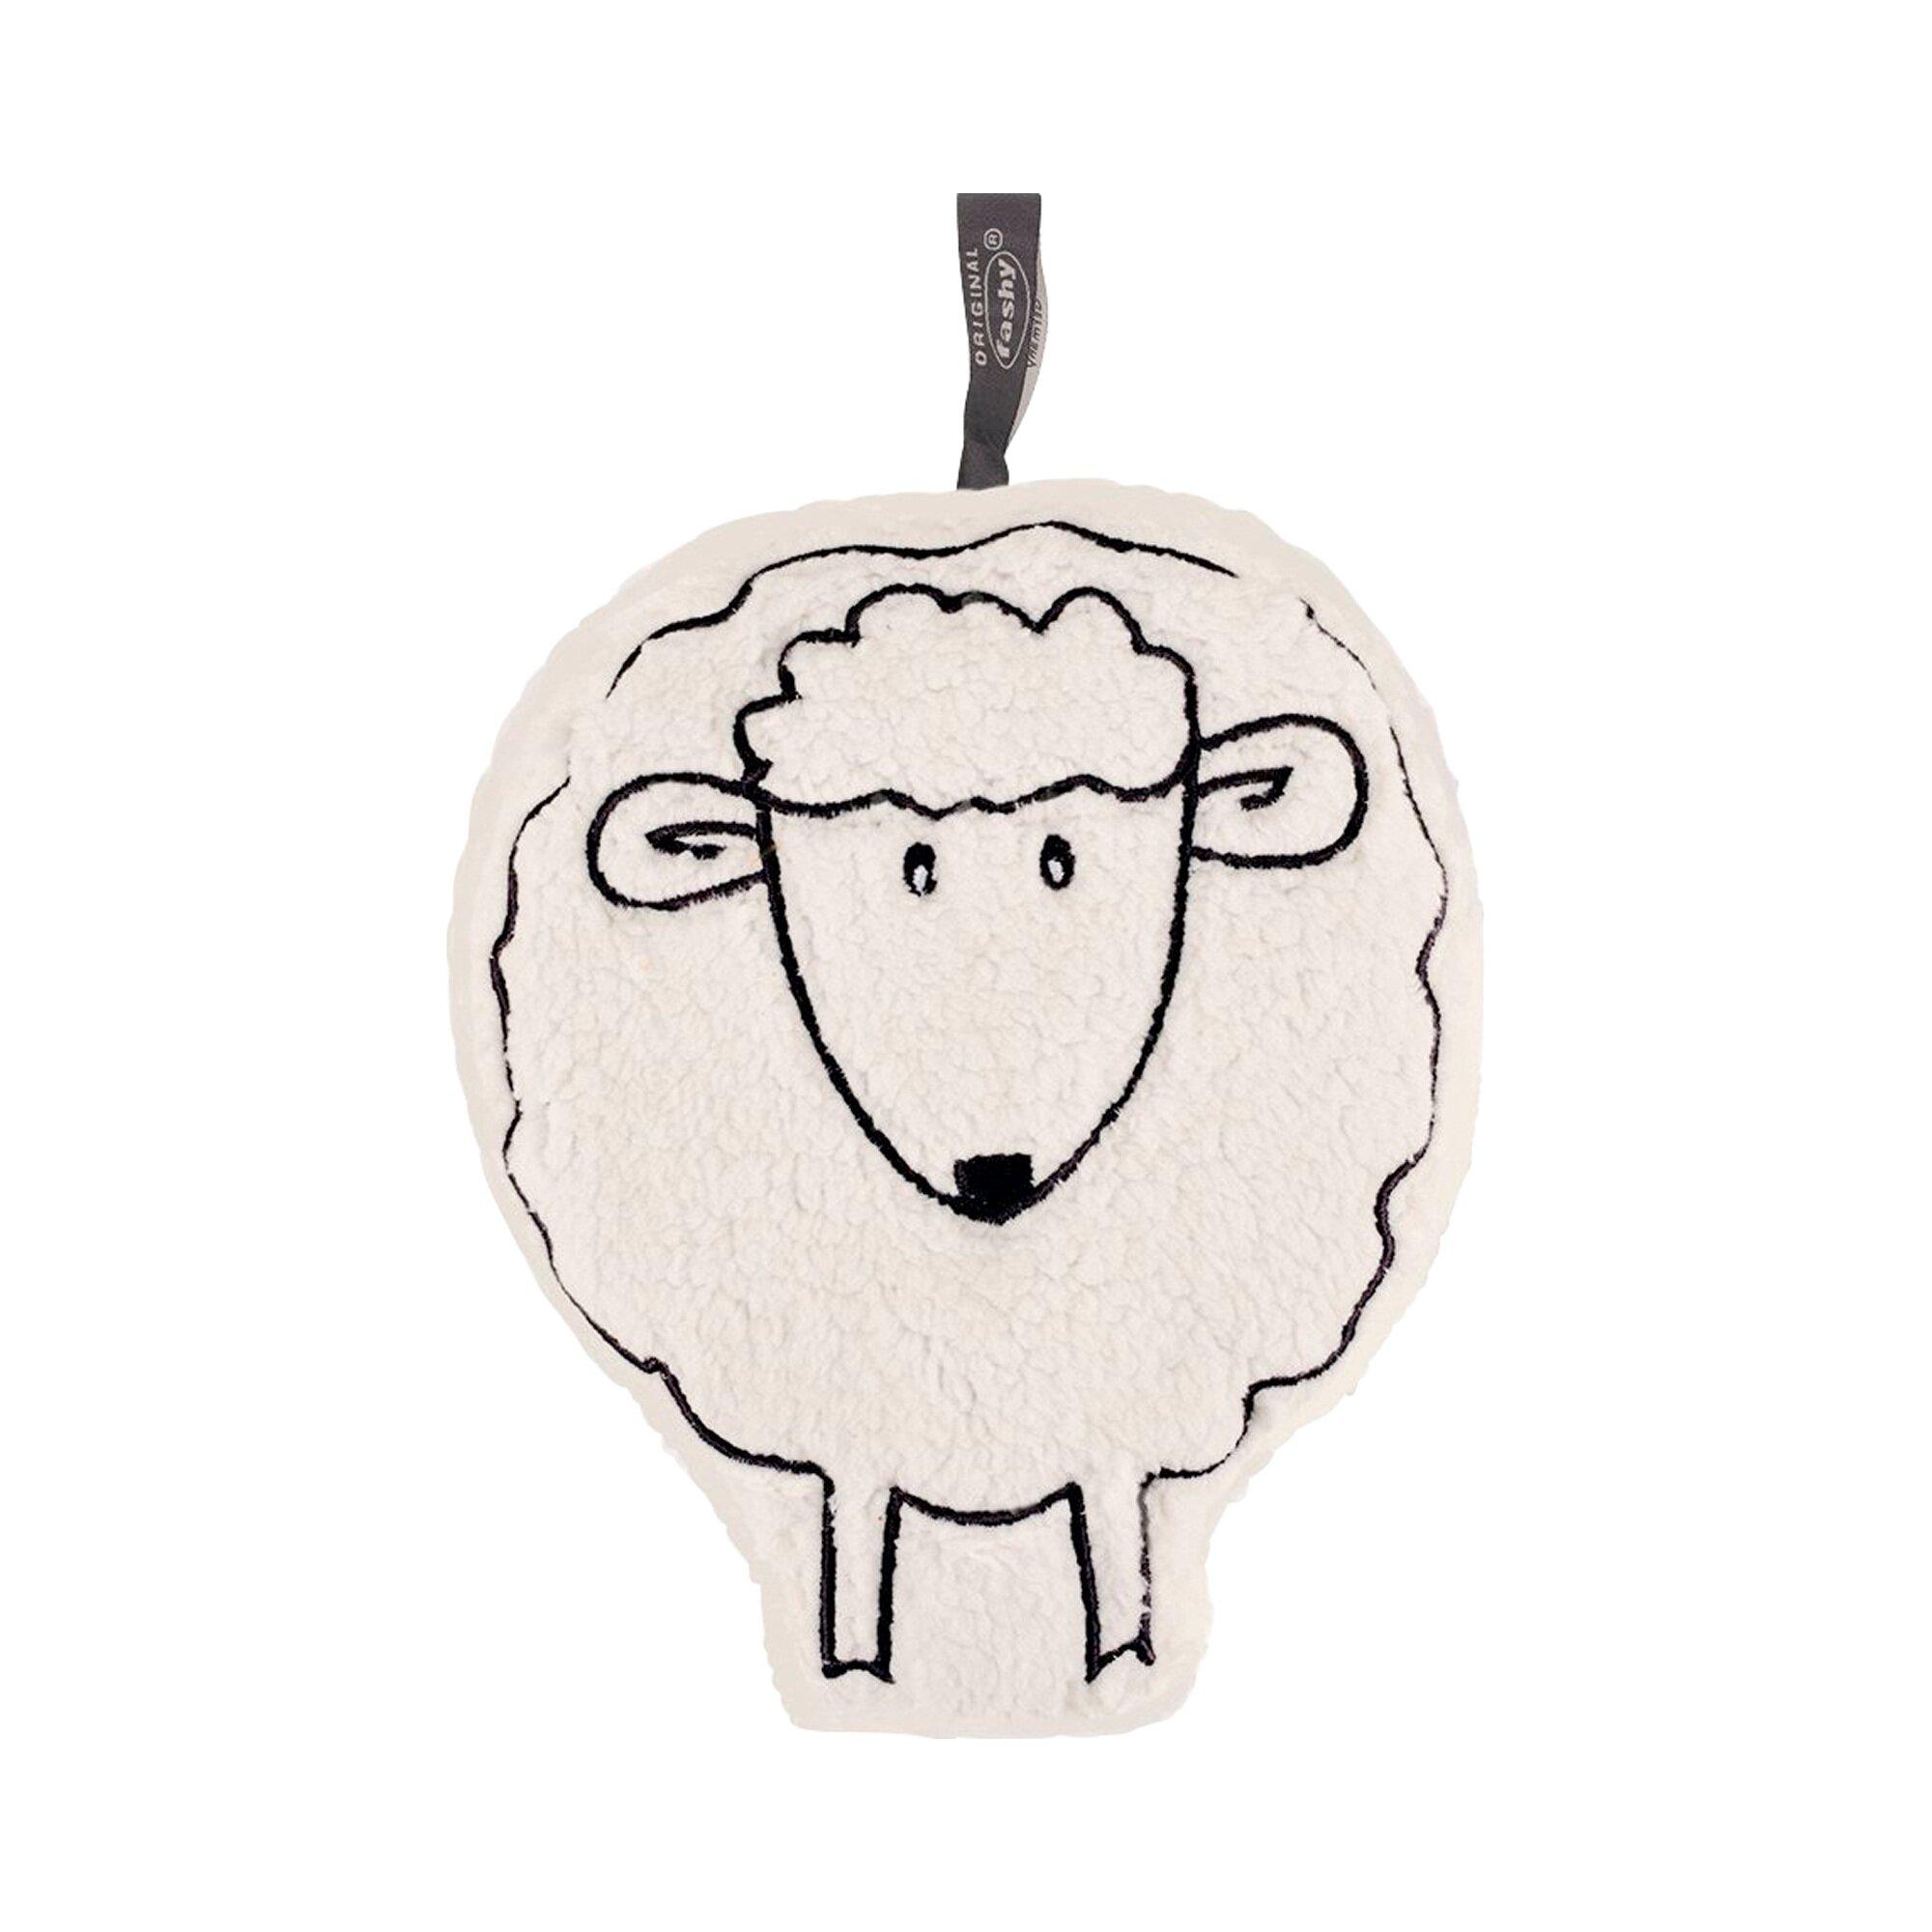 Fashy Wärme- und Kühlkissen mit Kirschkernfüllung Schaf